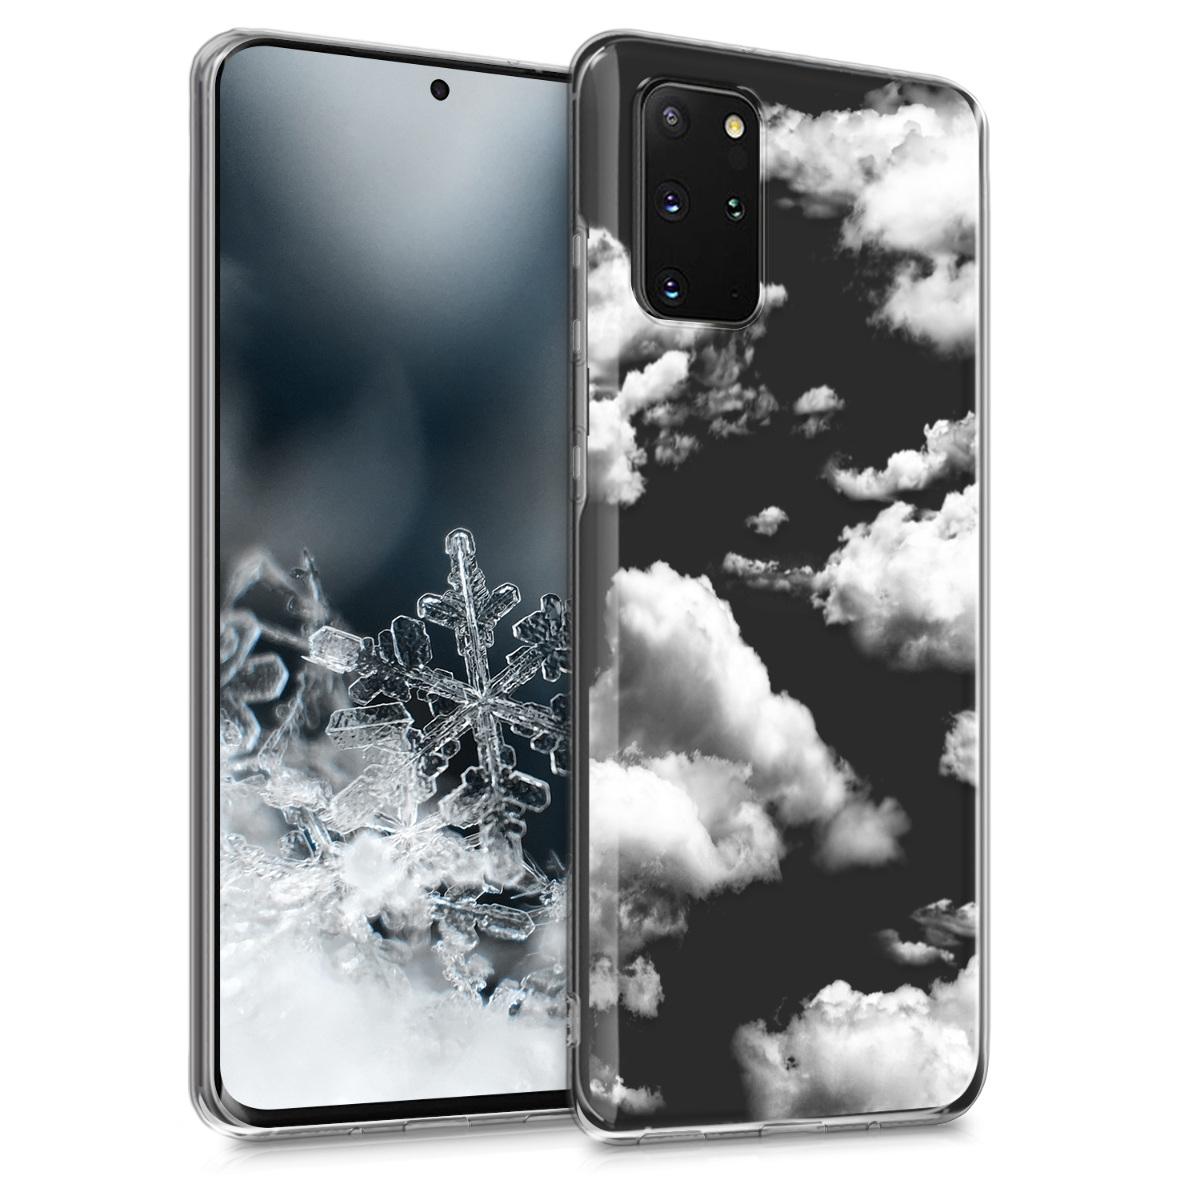 Silikonové pouzdro / obal s motivem mraků a oblohy pro Samsung S20 Plus